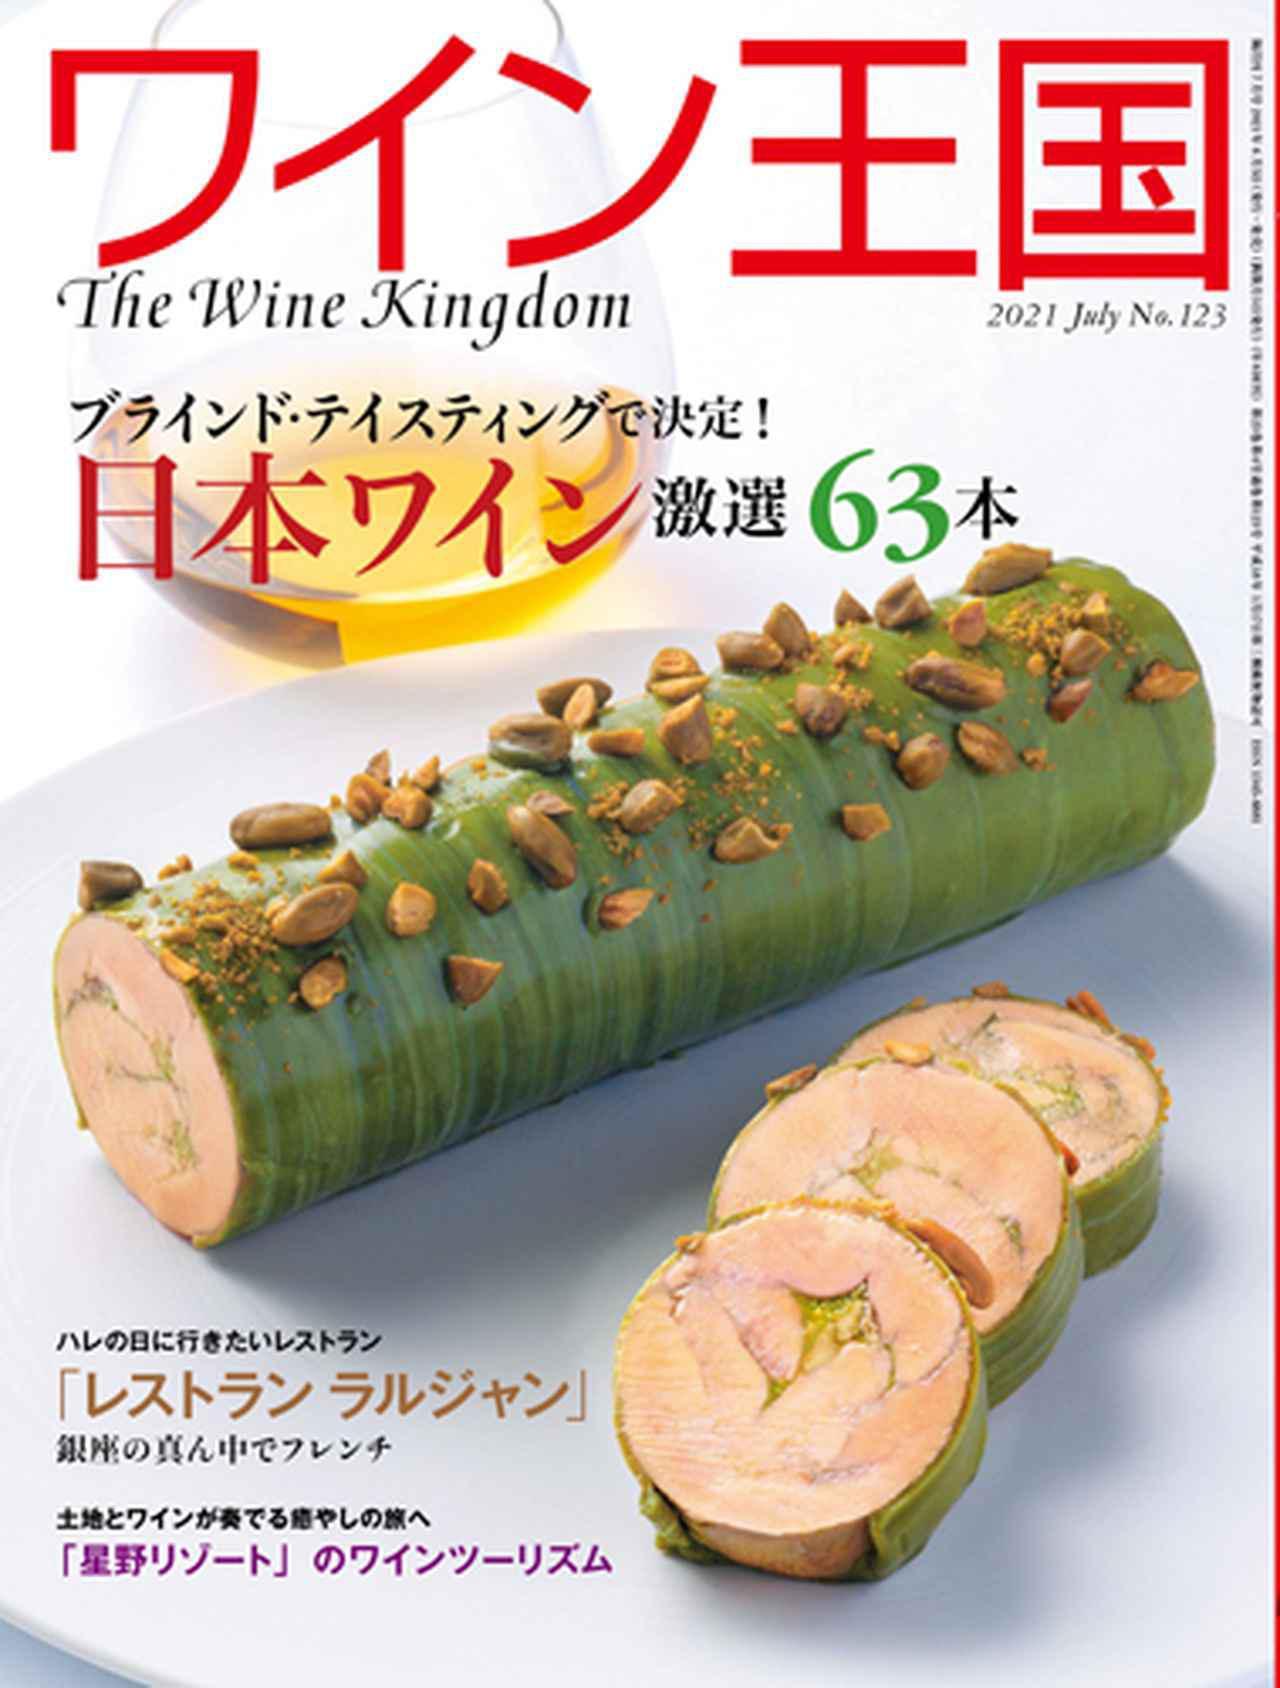 画像1: 【終了しました】オンラインセミナー「川邉久之氏が語る 今、注目の日本ワイン」